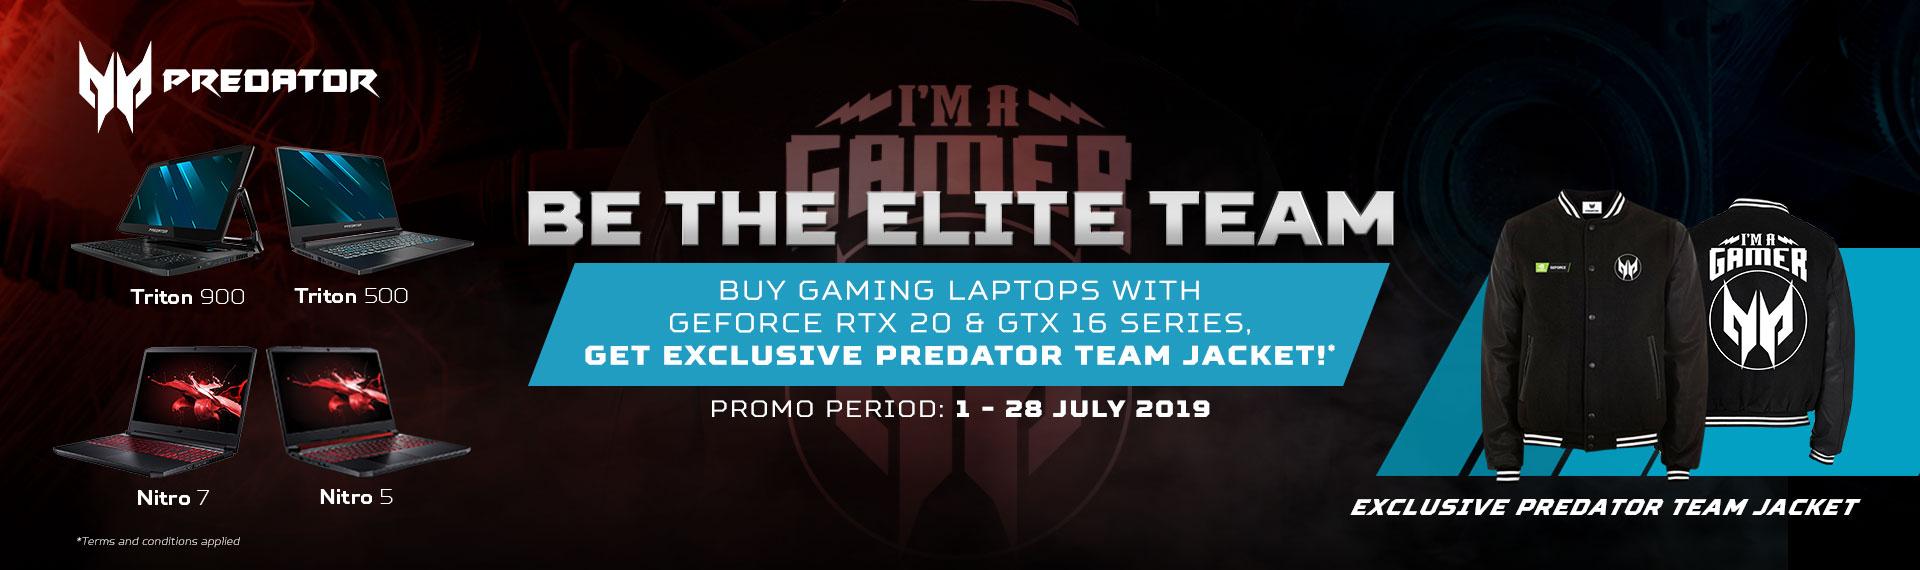 GRATIS Jaket Eksklusif Predator Team untuk Pembelian Gaming Laptop dengan GeForce® RTX 20 dan GTX 16!